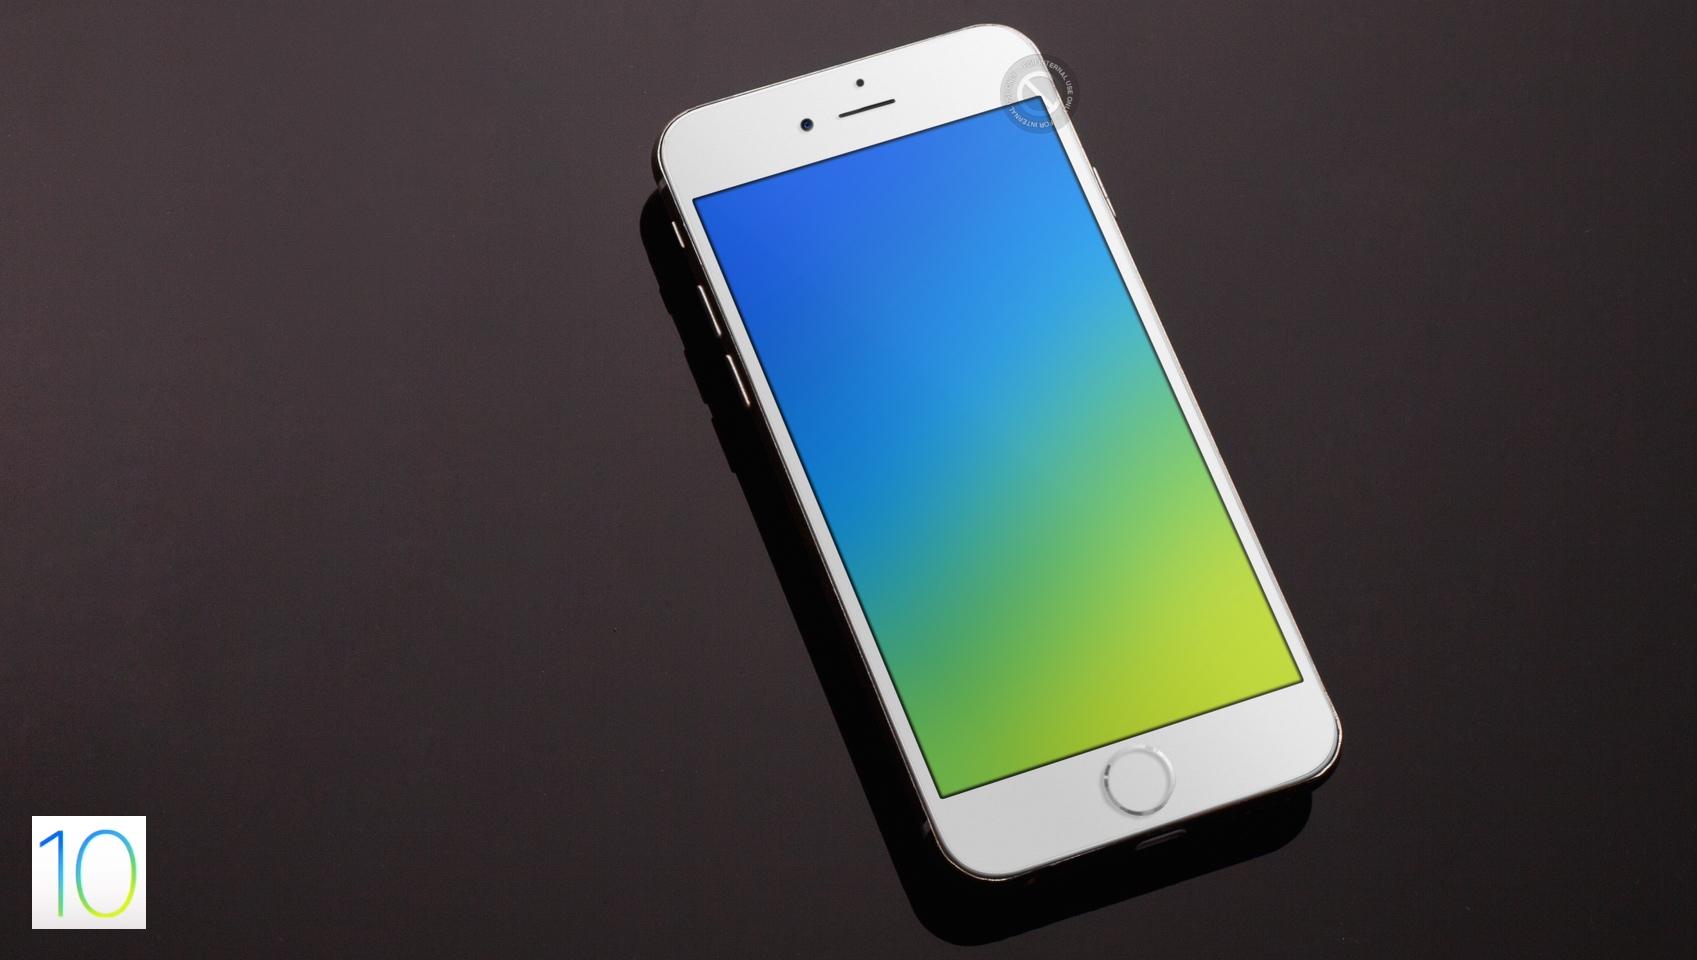 iOS 10 splash icon wallpaper kiwimanjaro